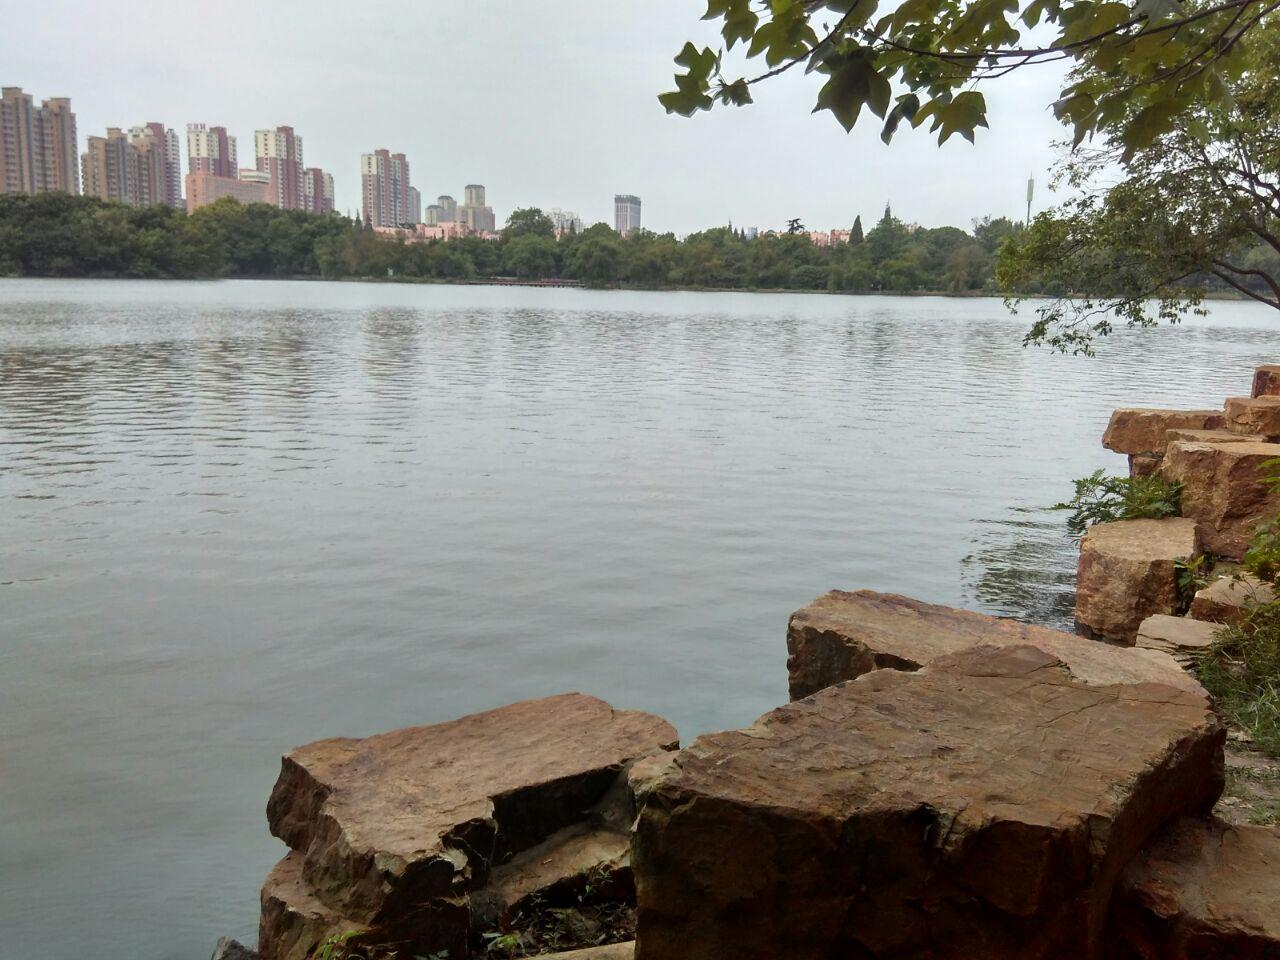 【携程攻略】安徽马鞍山雨山湖好玩吗,安徽雨山湖景点图片